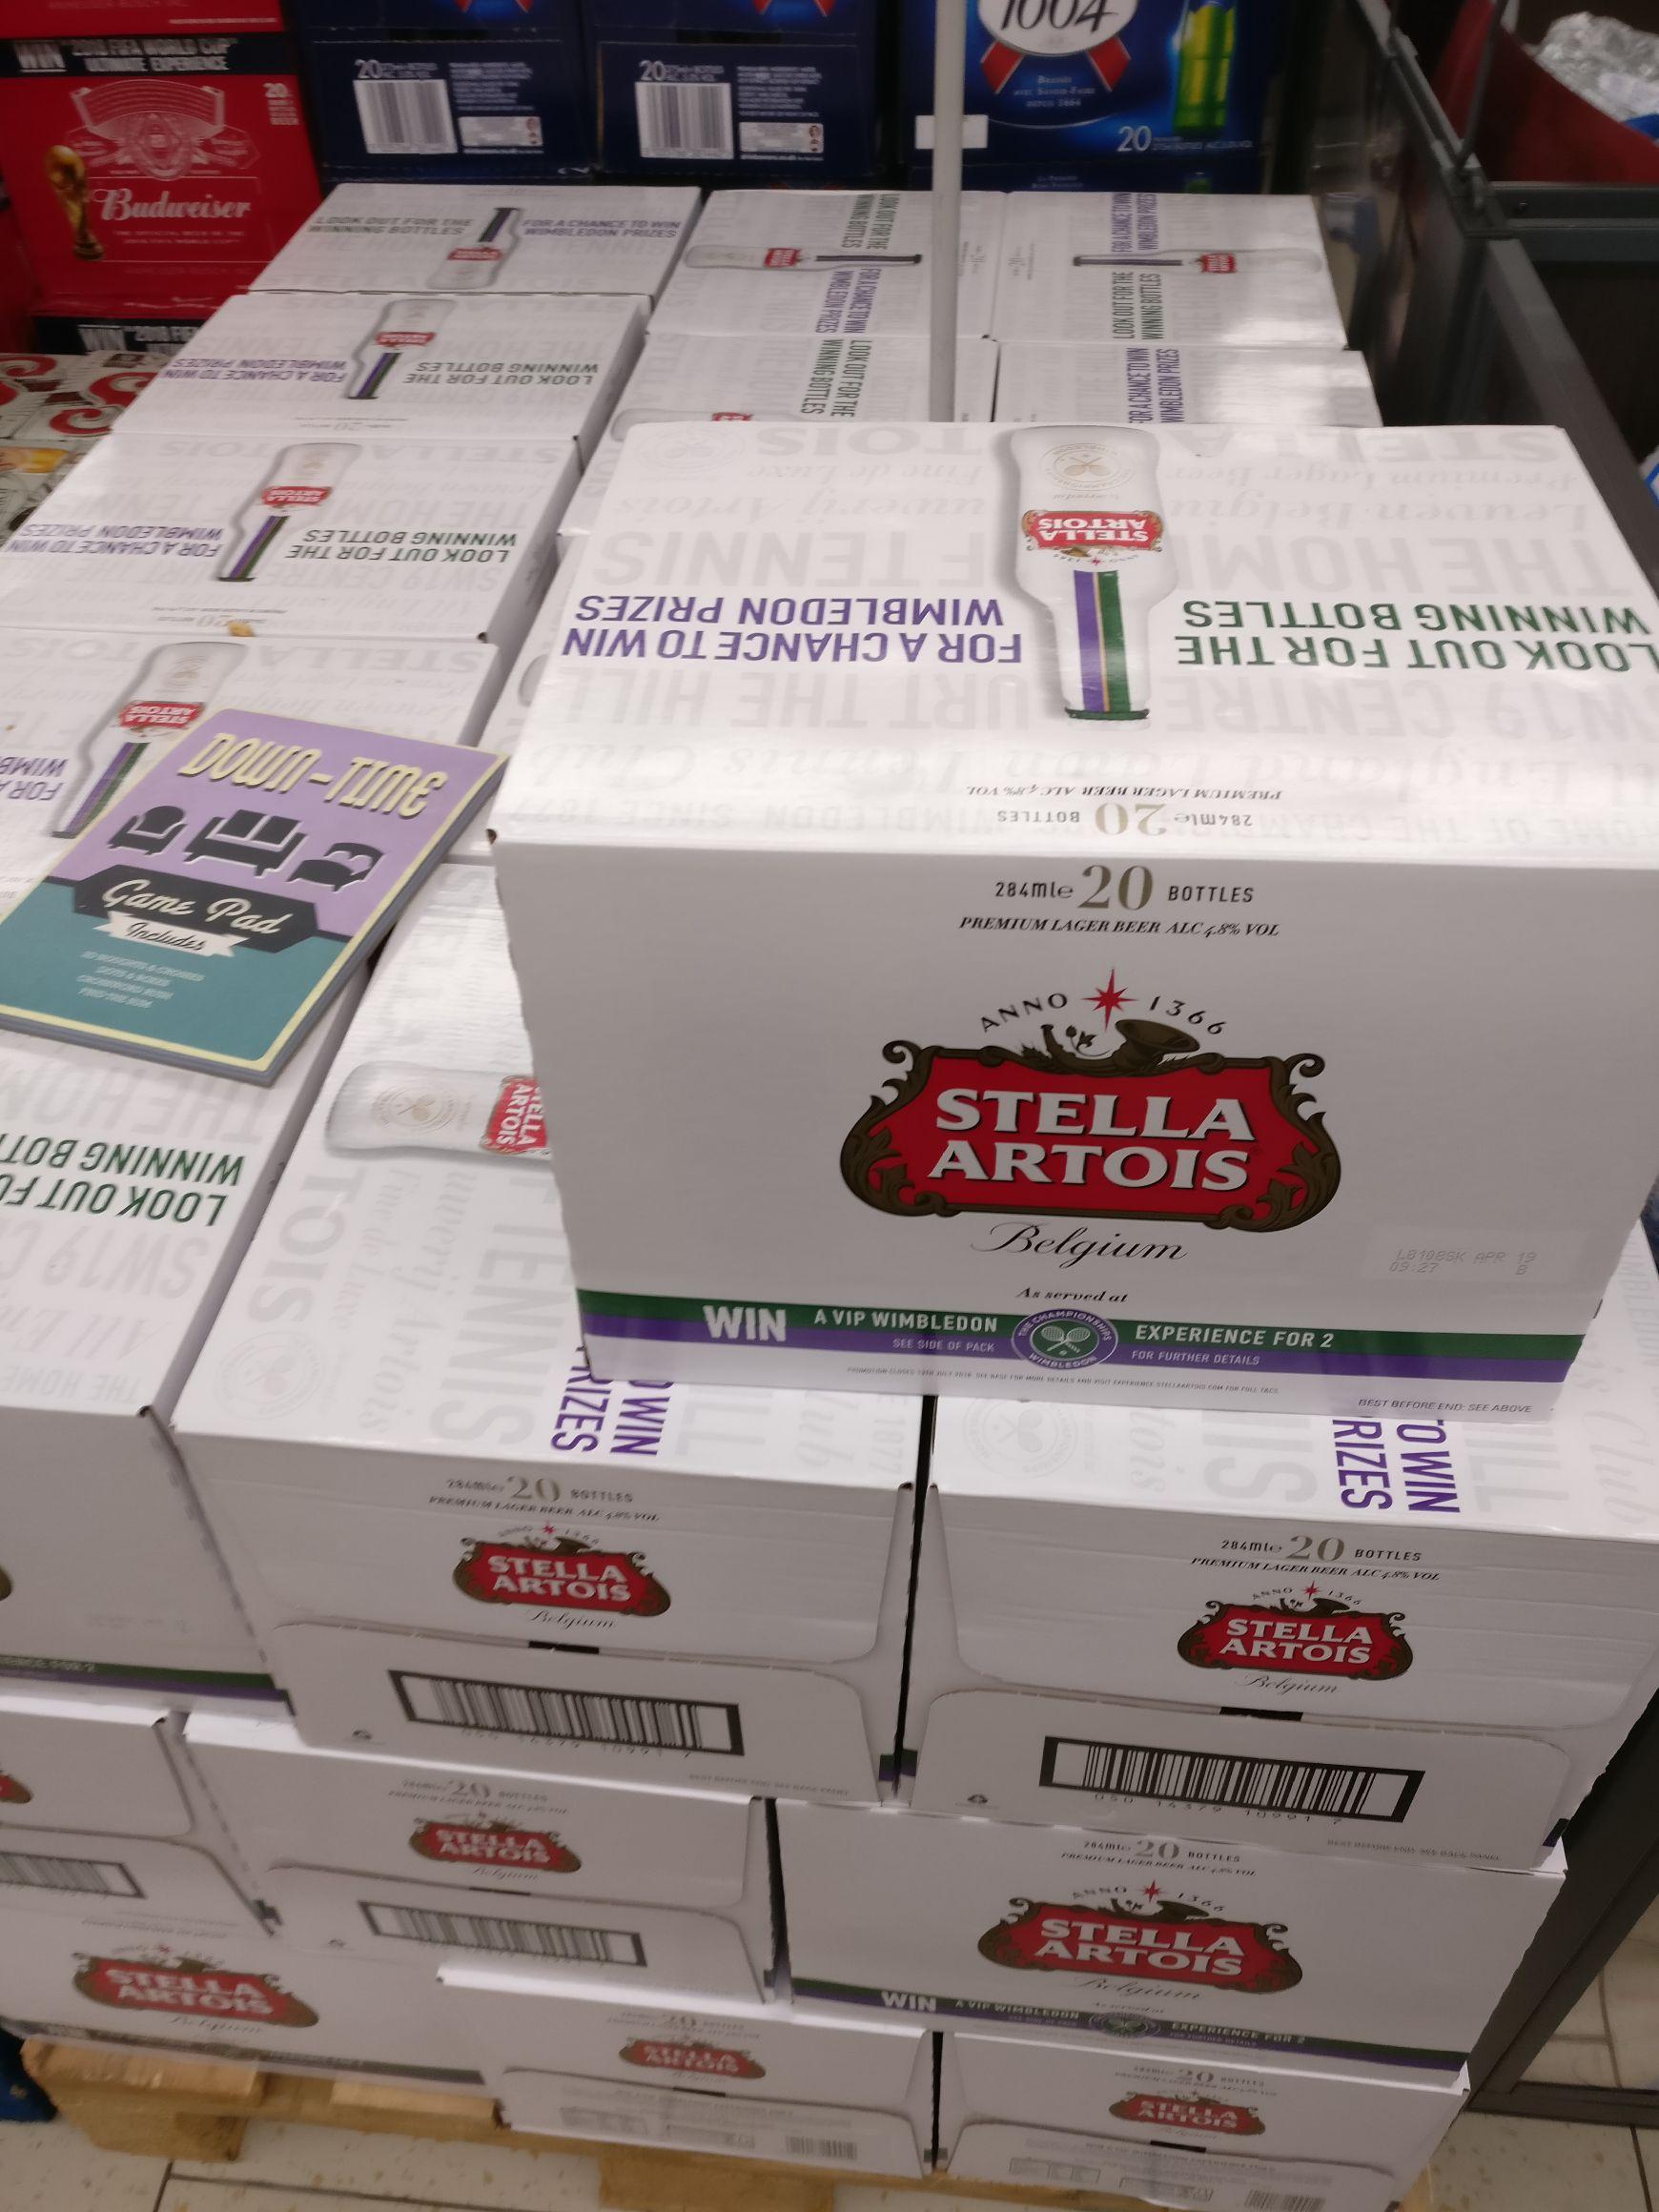 20 x 284ml bottles of Stella Artois for £9.99 @ LIDL